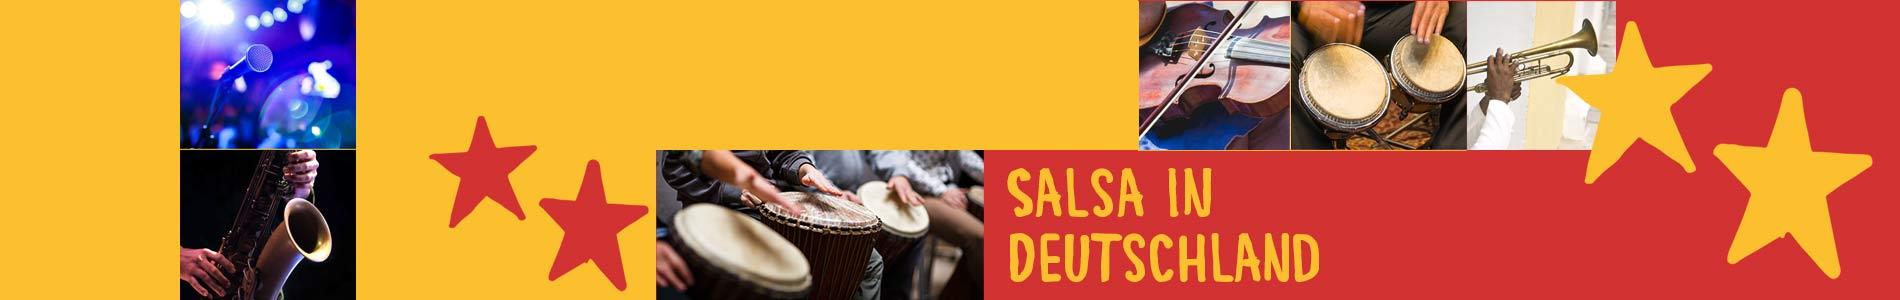 Salsa in Burgsalach – Salsa lernen und tanzen, Tanzkurse, Partys, Veranstaltungen